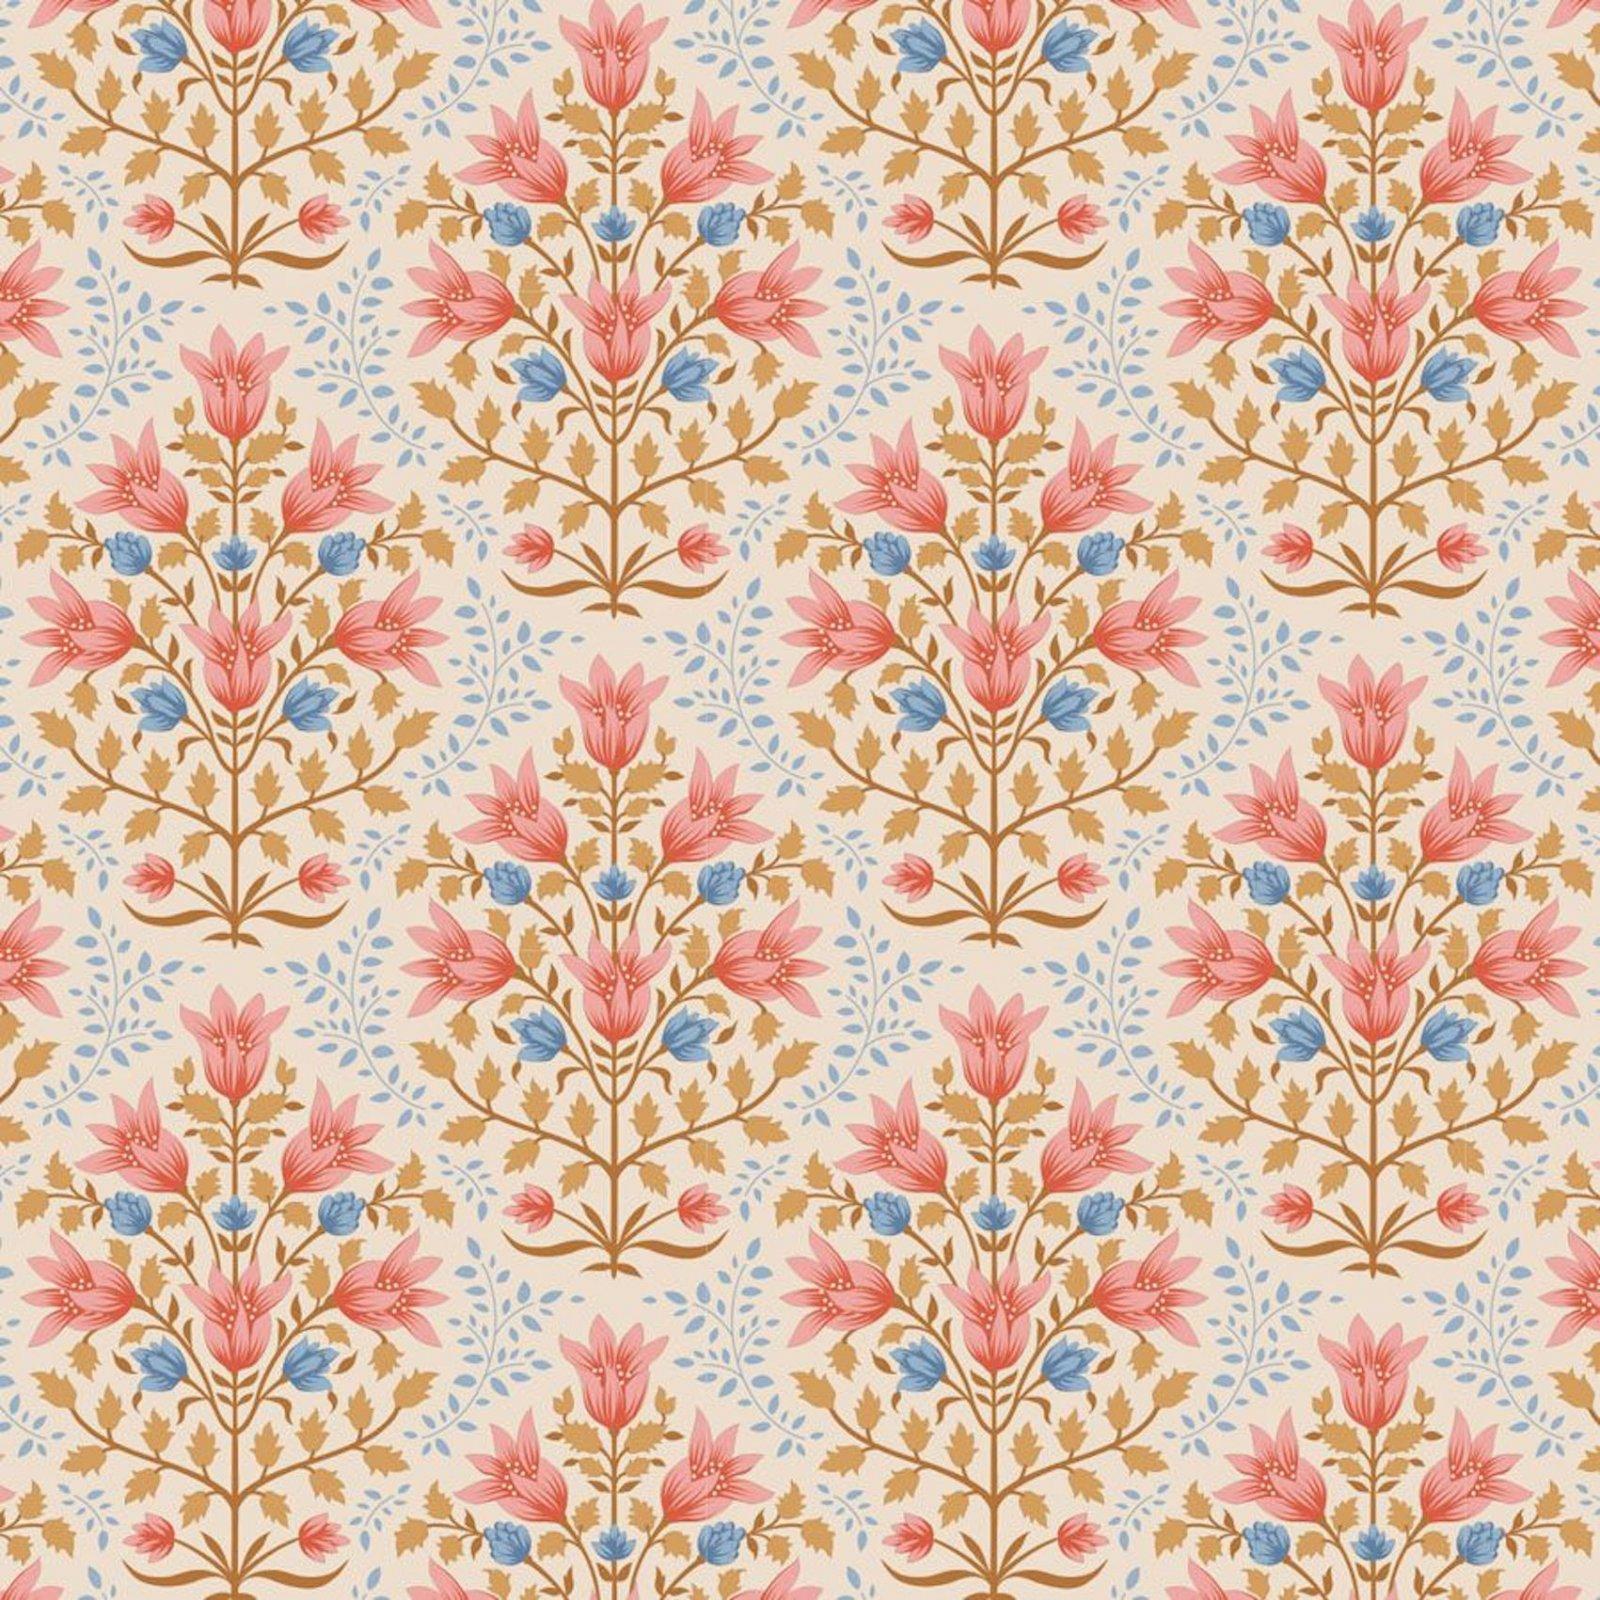 PRE-ORDER  - Tilda - Windy Days - Breeze Floral Coral